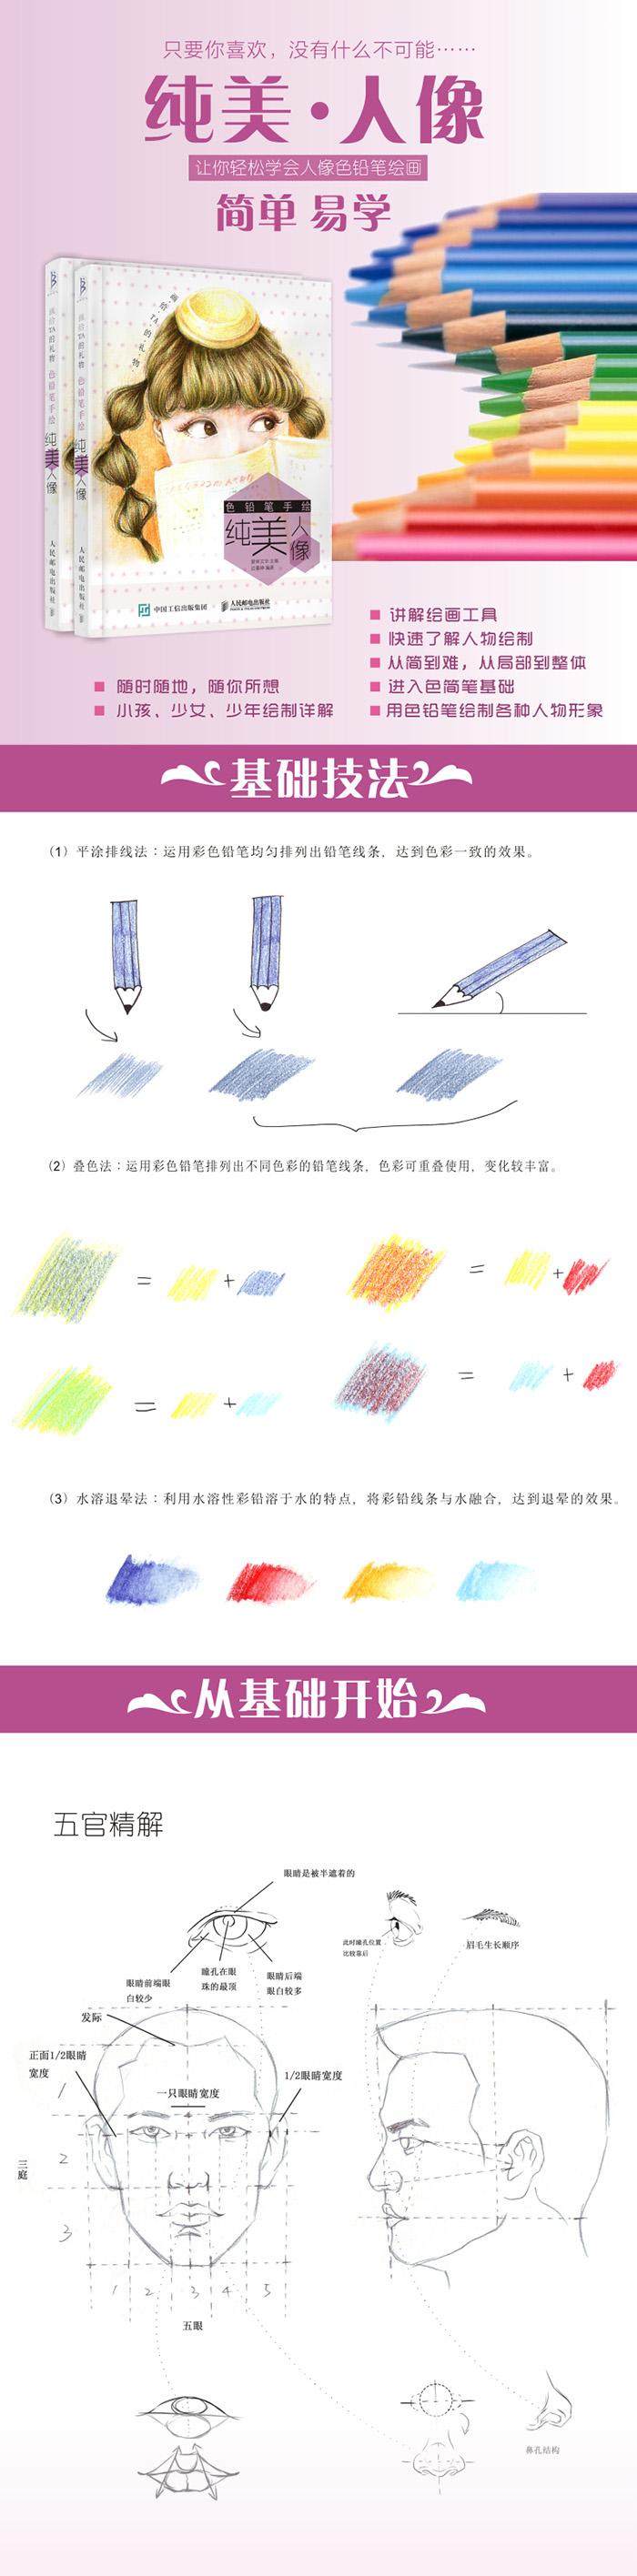 画给ta的礼物——色铅笔手绘纯美人像